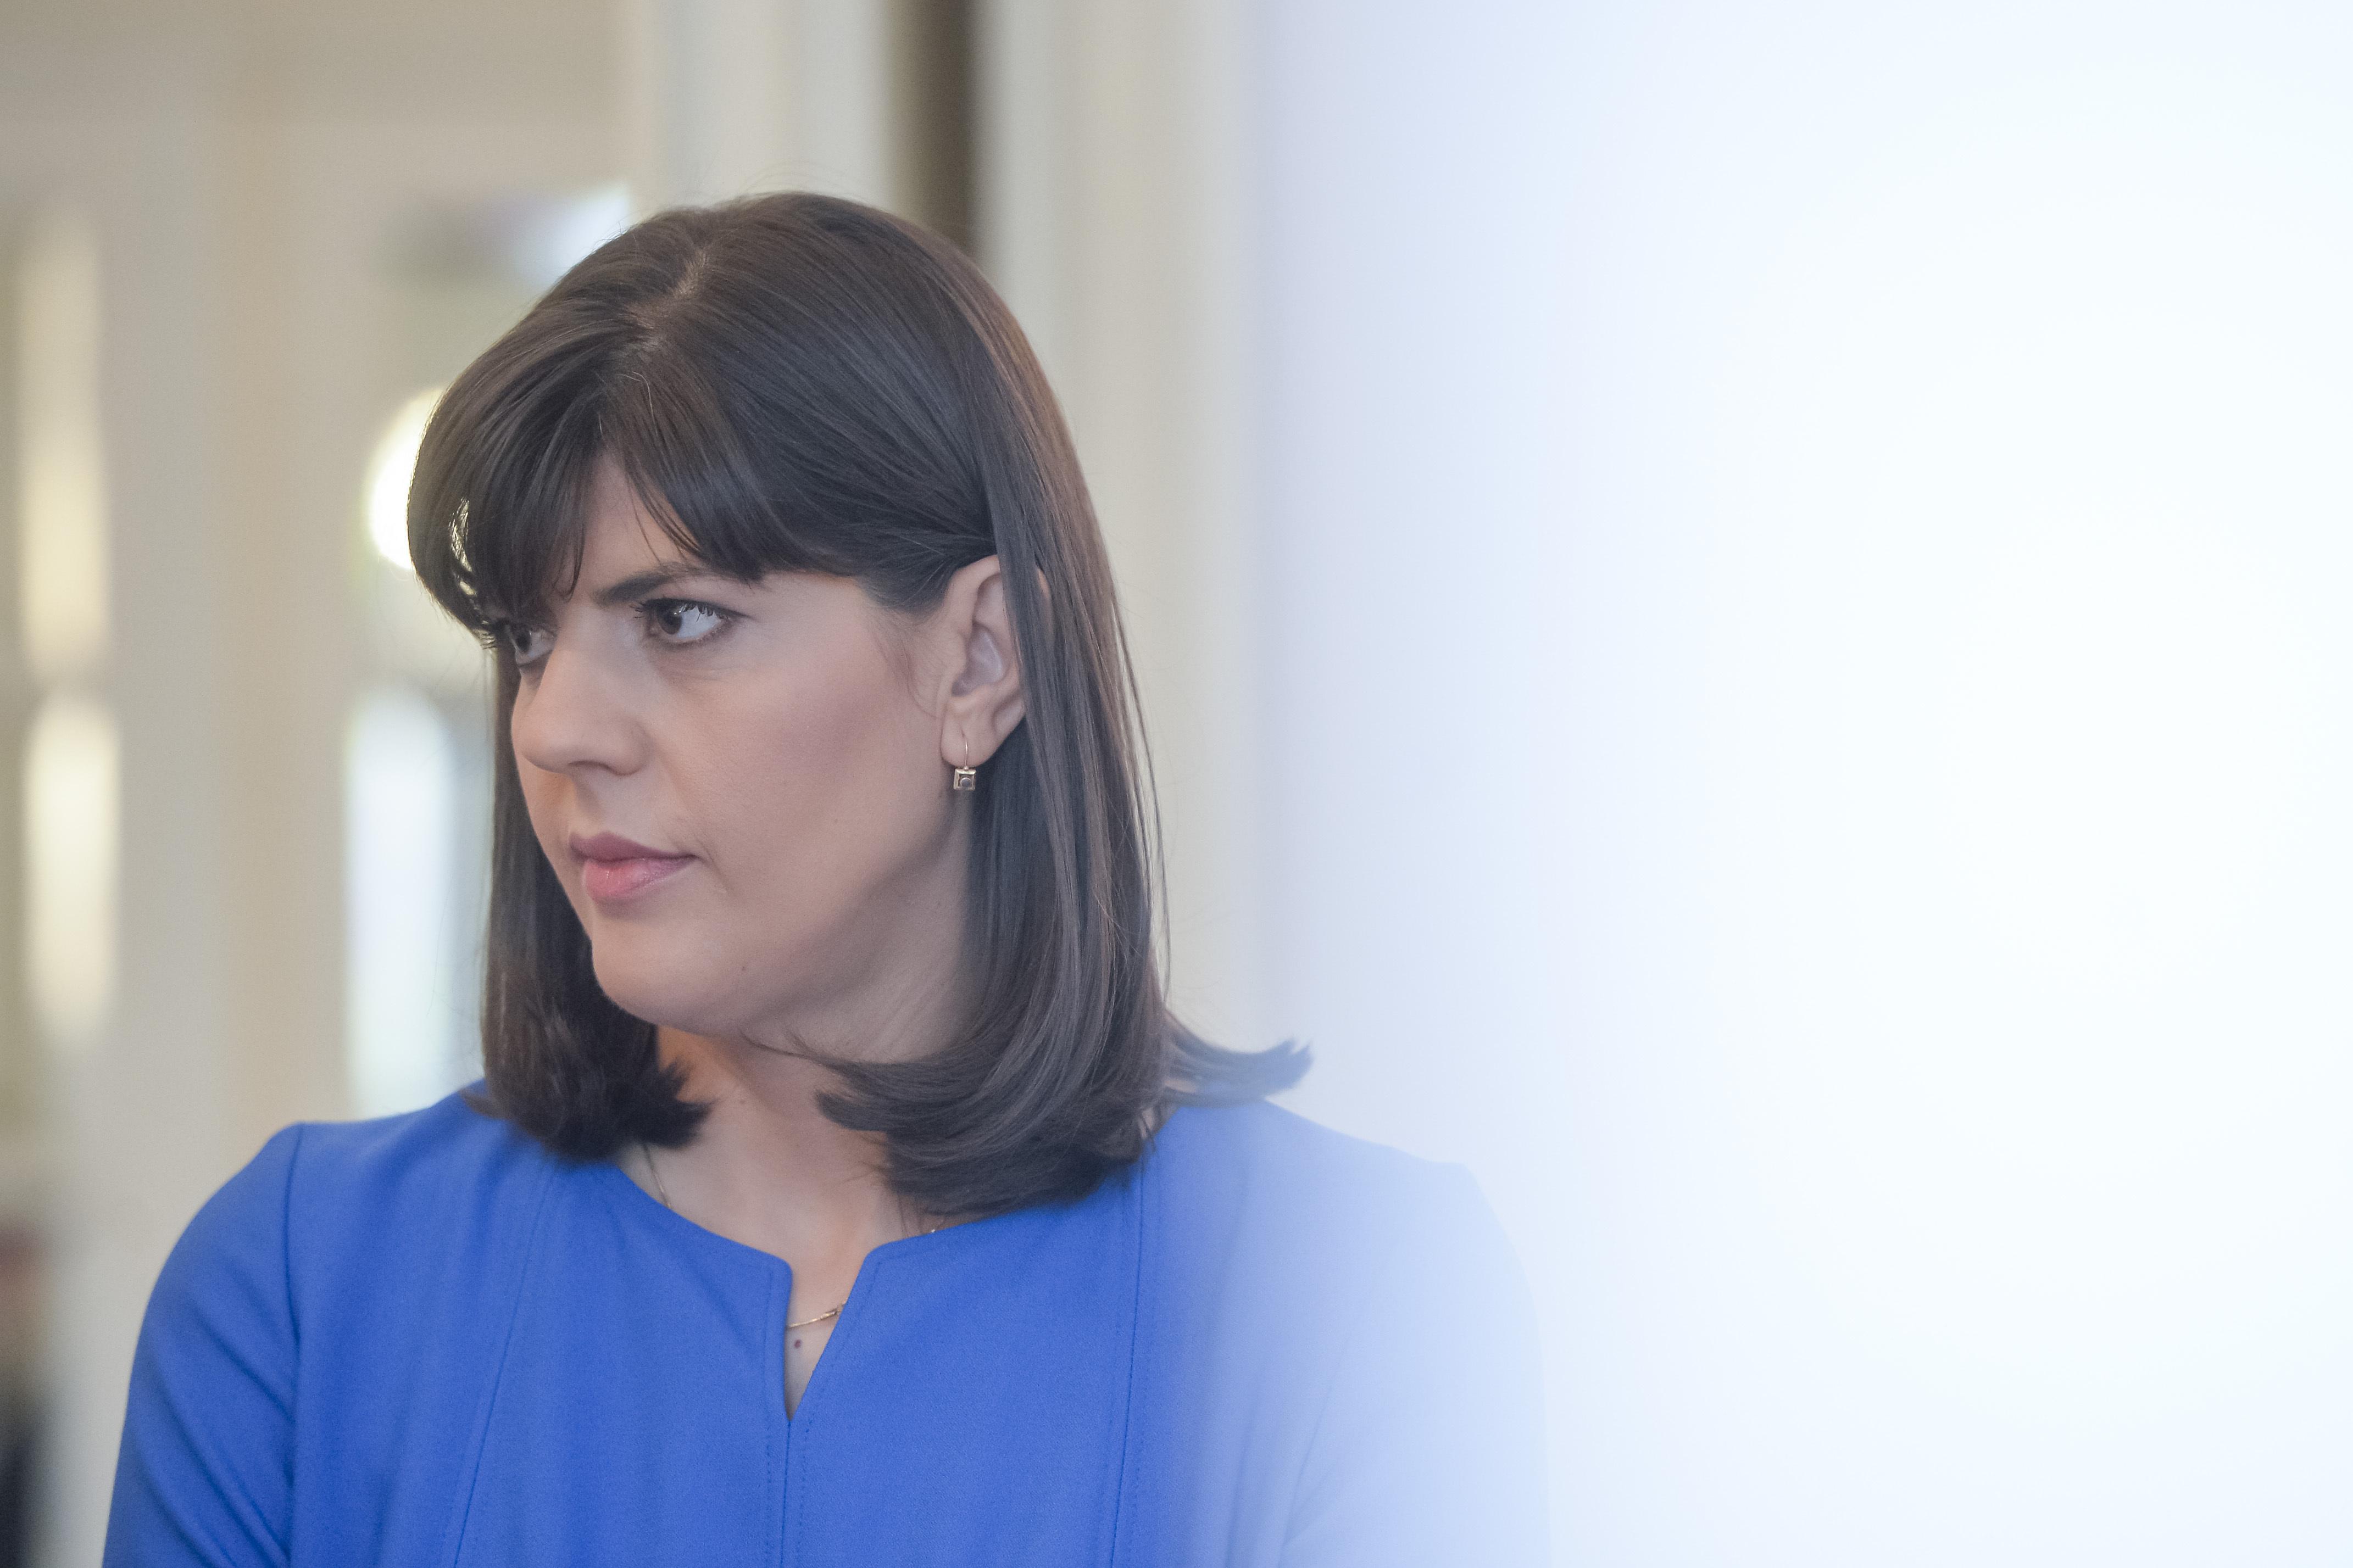 Ingrid Mocanu, fostul vicepreşedinte ANRP, a depus la Parchetul General o plângere împotriva Laurei Codruţa Kovesi